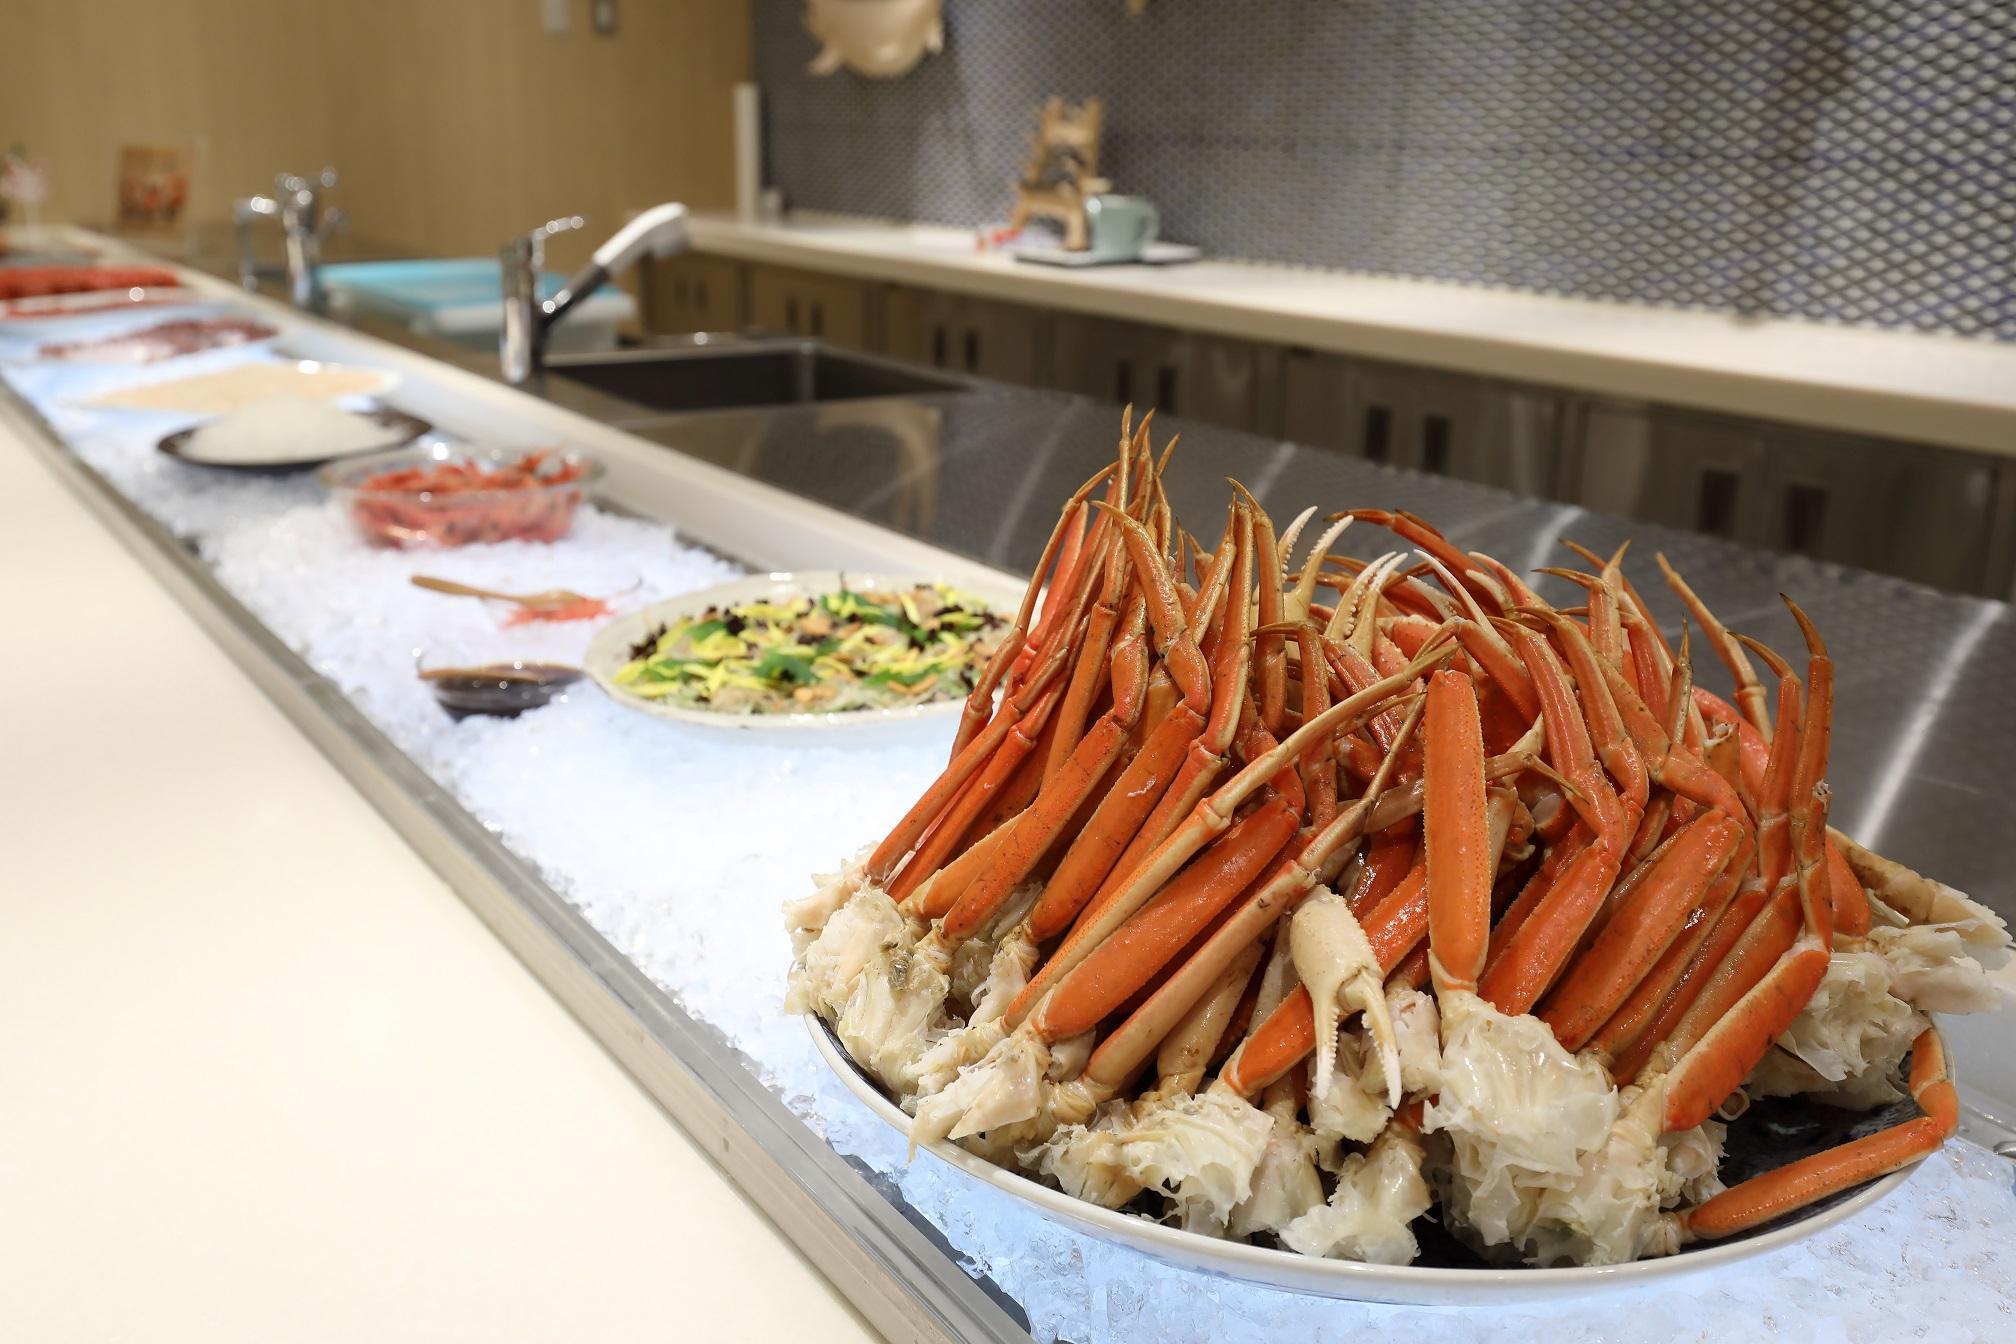 【早期予約60日前】60日前のご予約で函館旅をお得に♪1泊2食♪約60品のビュッフェ+花月宿泊者特別料理1品付